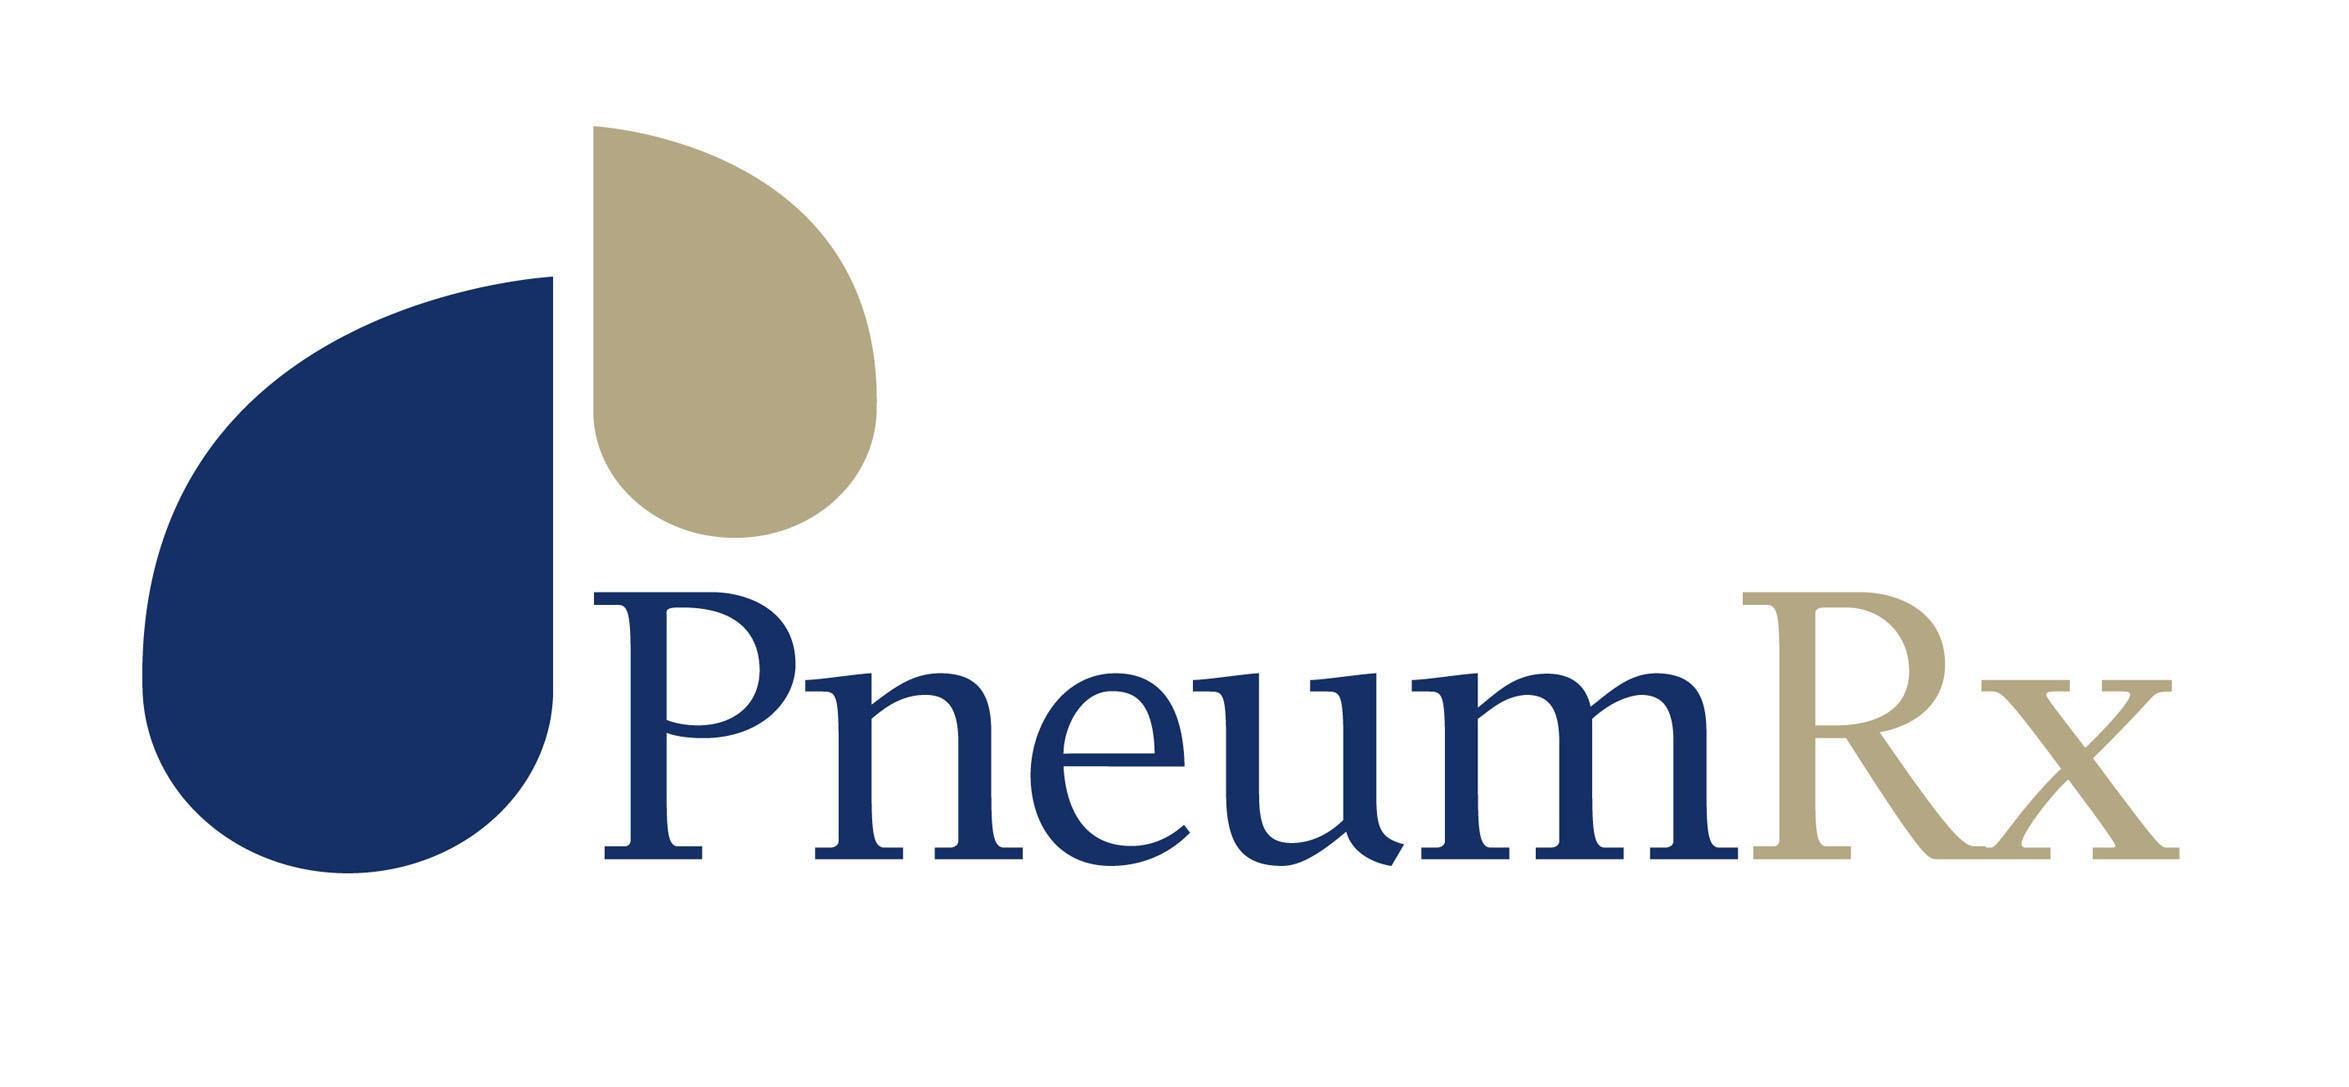 PneumRx.jpg